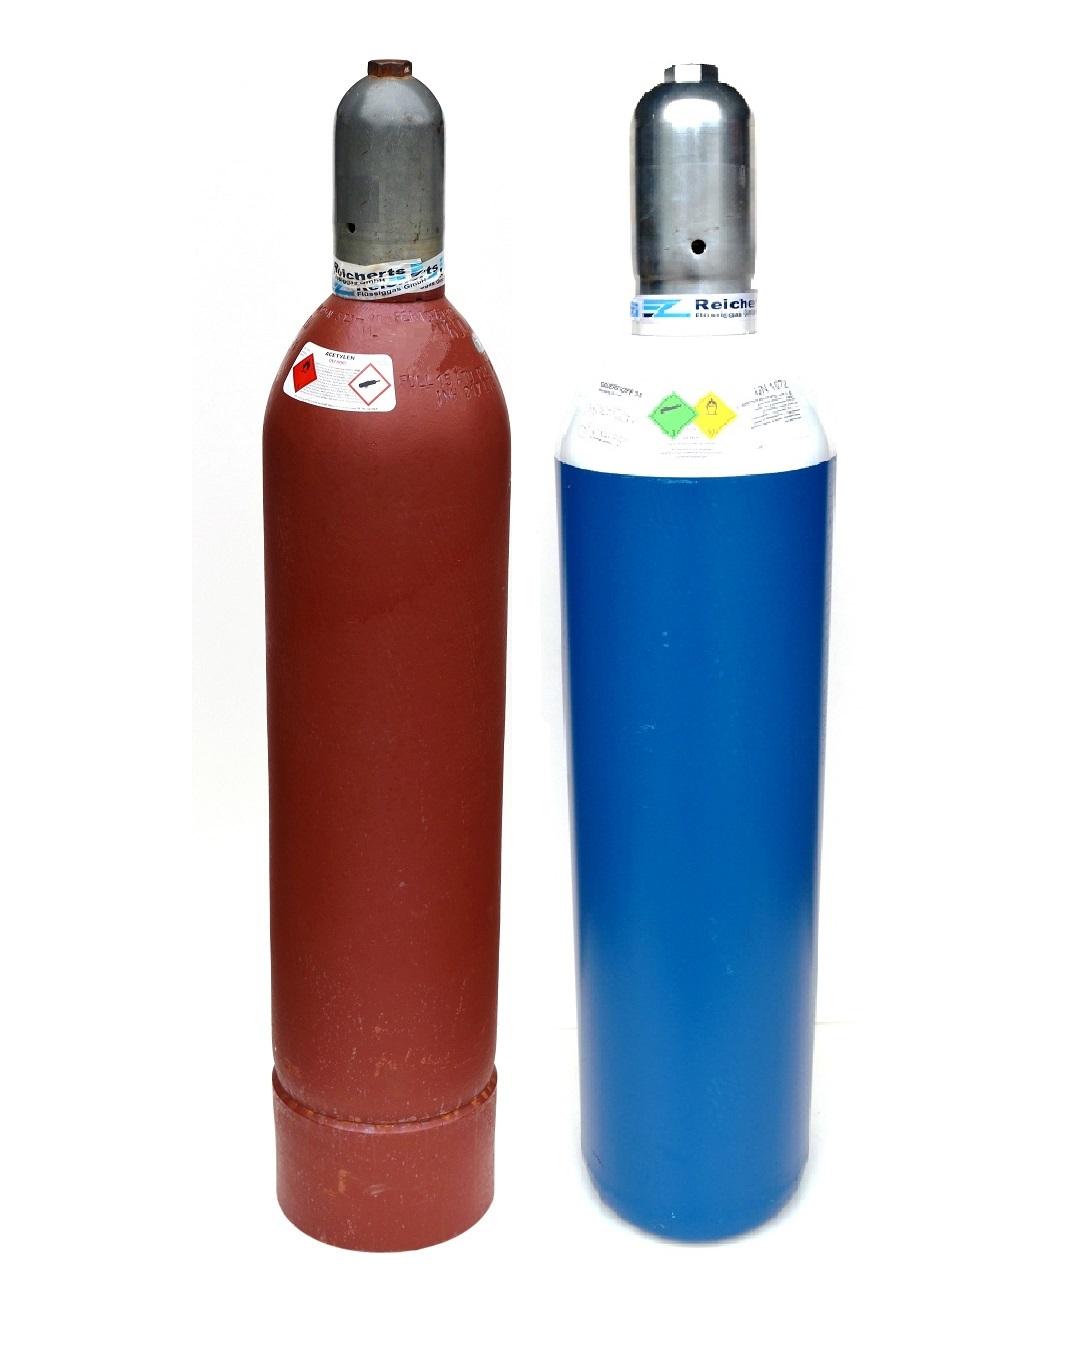 Sauerstoff und acetylen flaschen kaufen